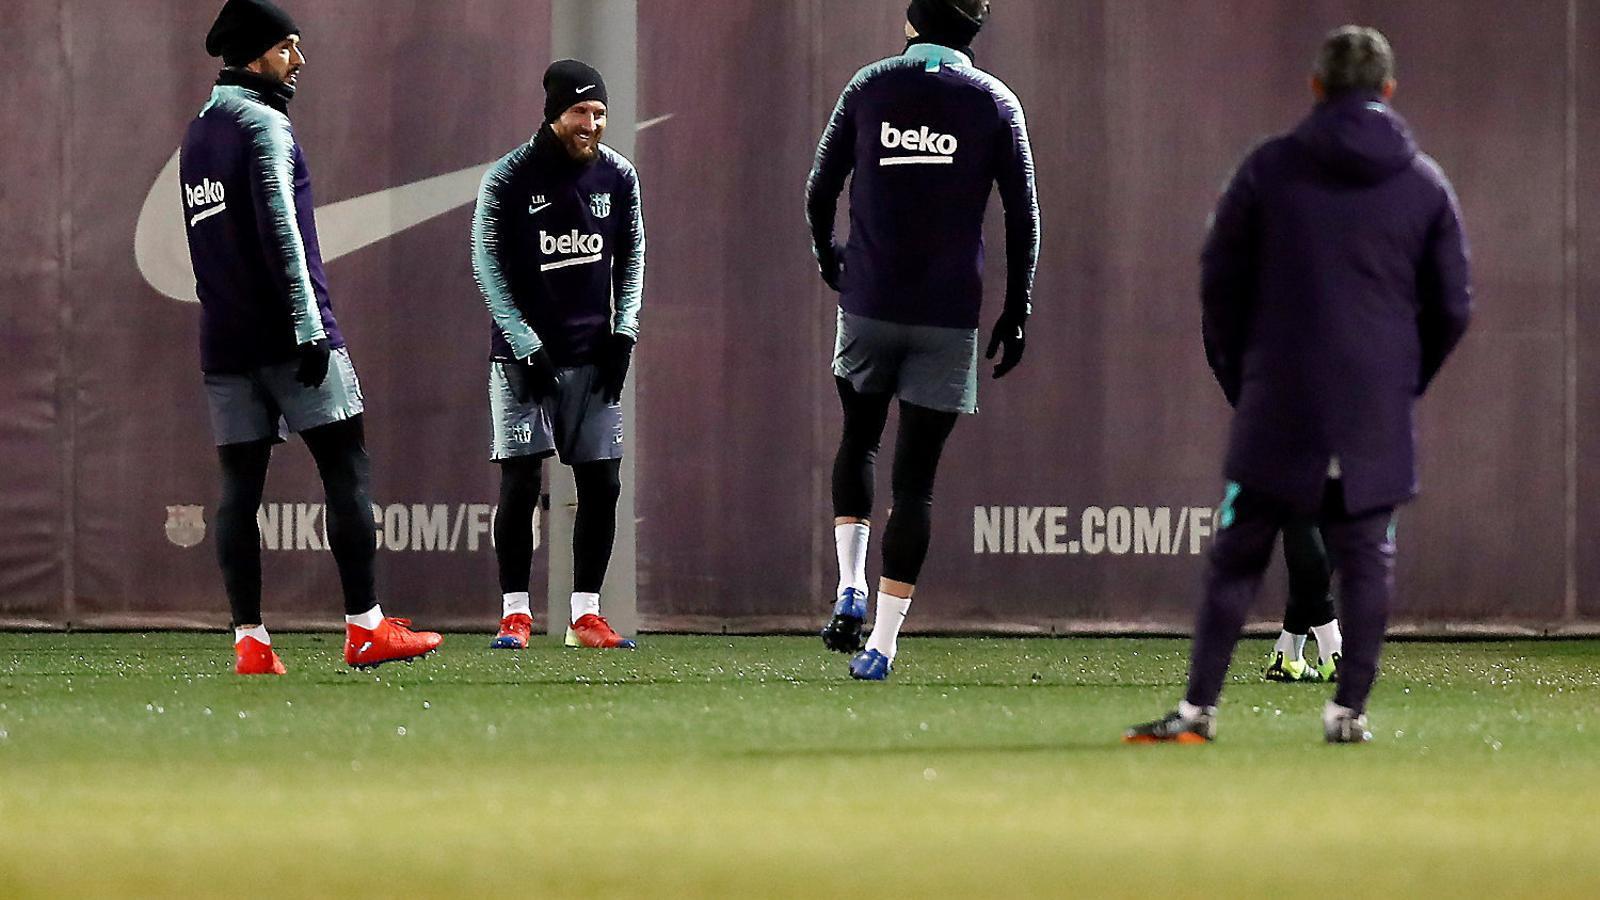 Cares somrients en l'últim entrenament del Barça abans de rebre el Leganés aquest vespre al Camp Nou.